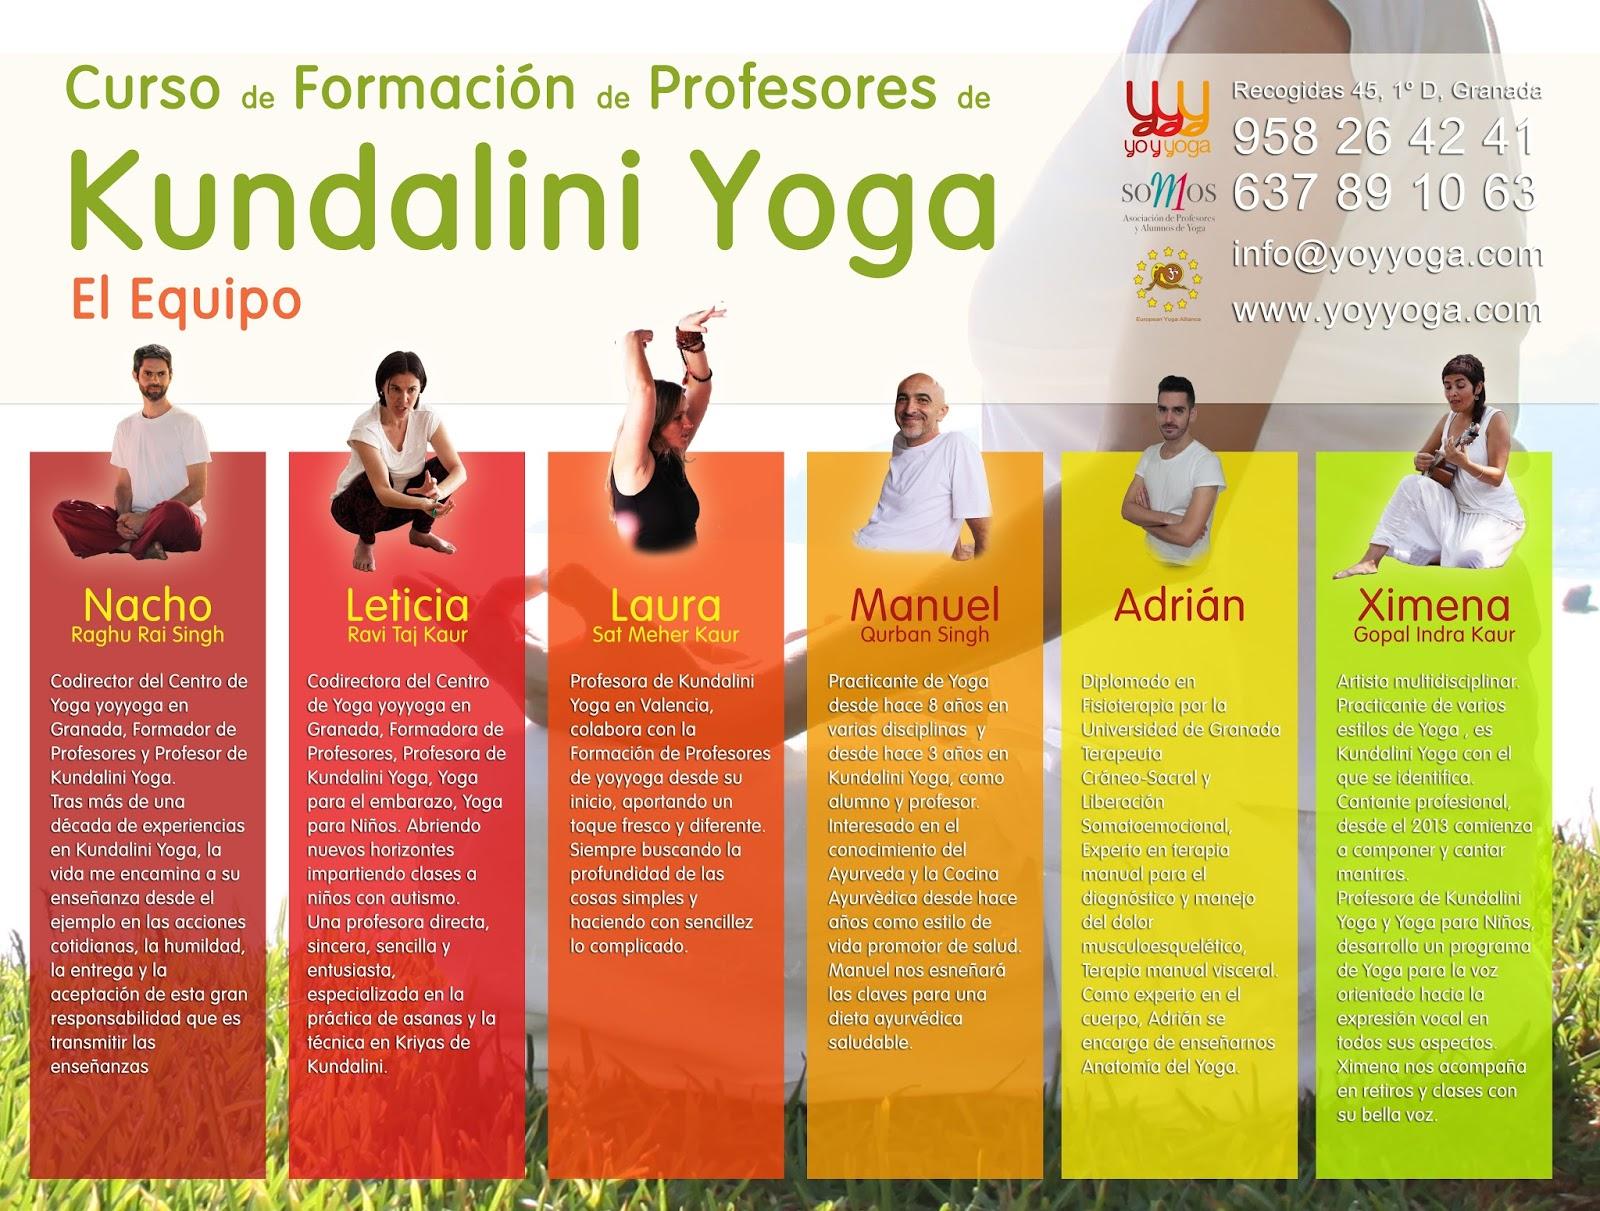 Curso de formación de Profesores de Kundalini Yoga en Granada ...